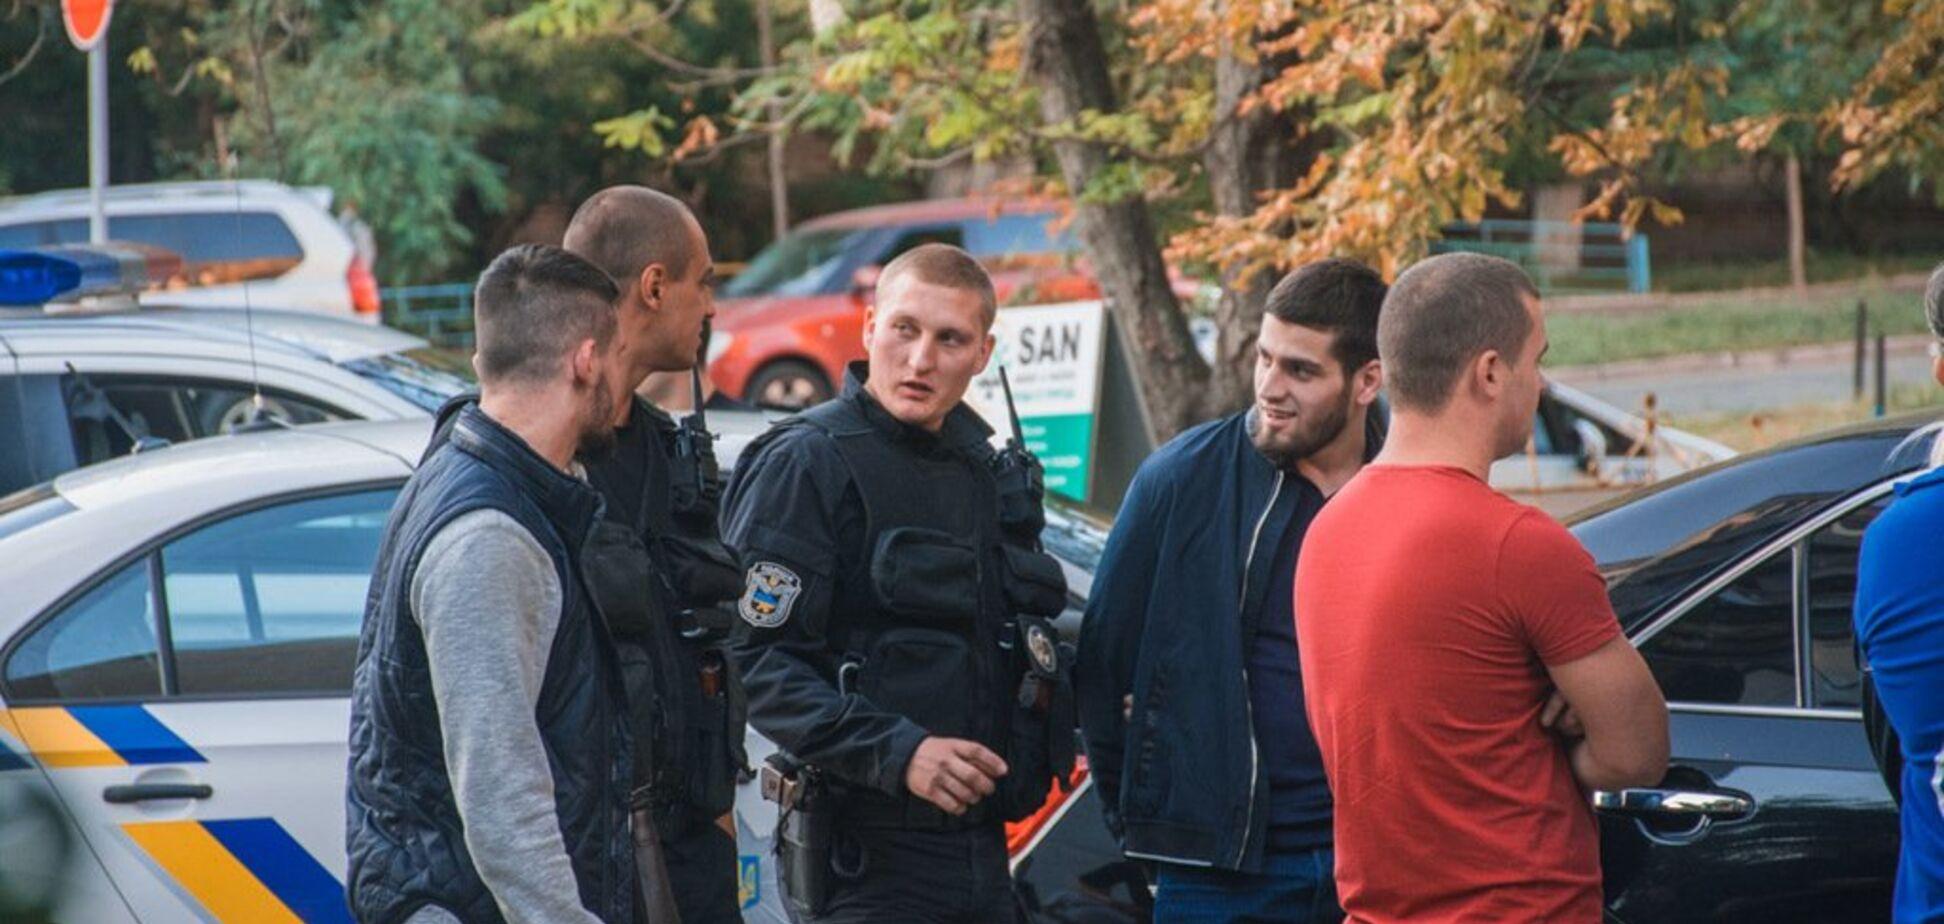 В Киеве задержали вооруженную банду, связанную с Кадыровым: подробности от СМИ, фото и видео